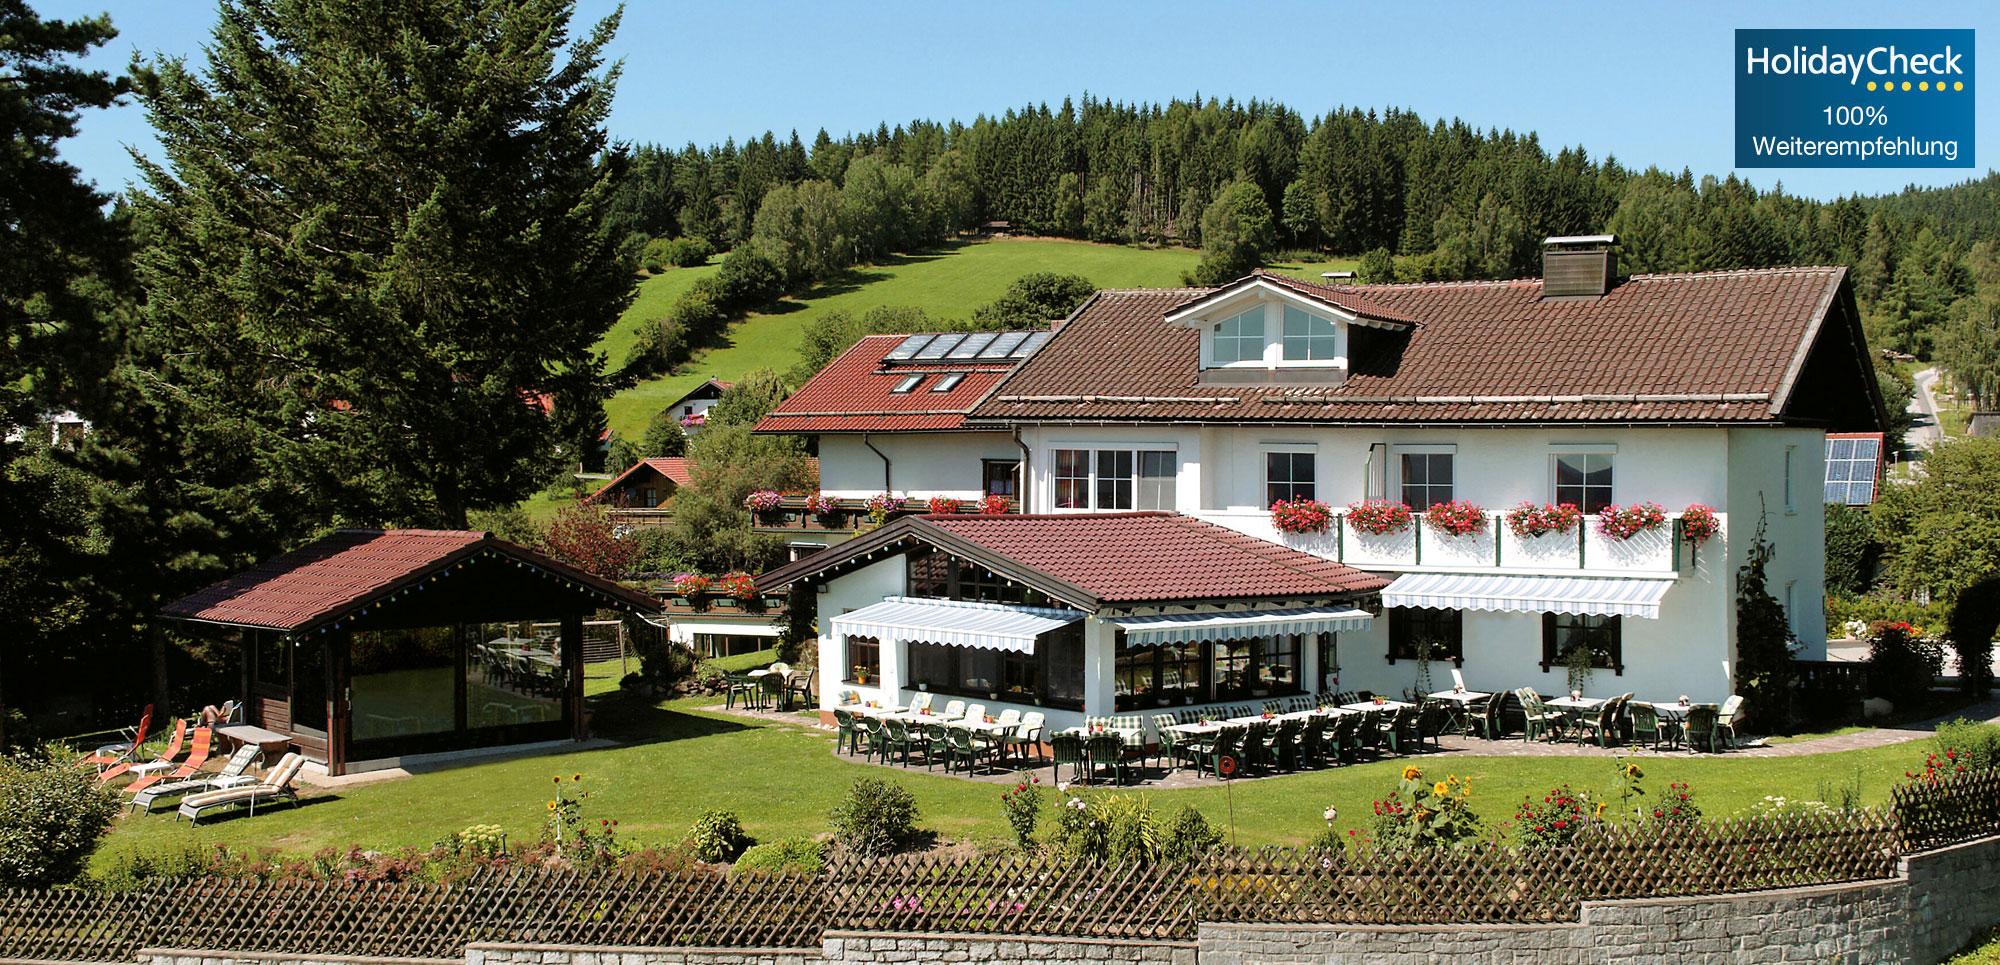 Hotel Haus Am Berg In Bayern Familienfreundliches Landhotel